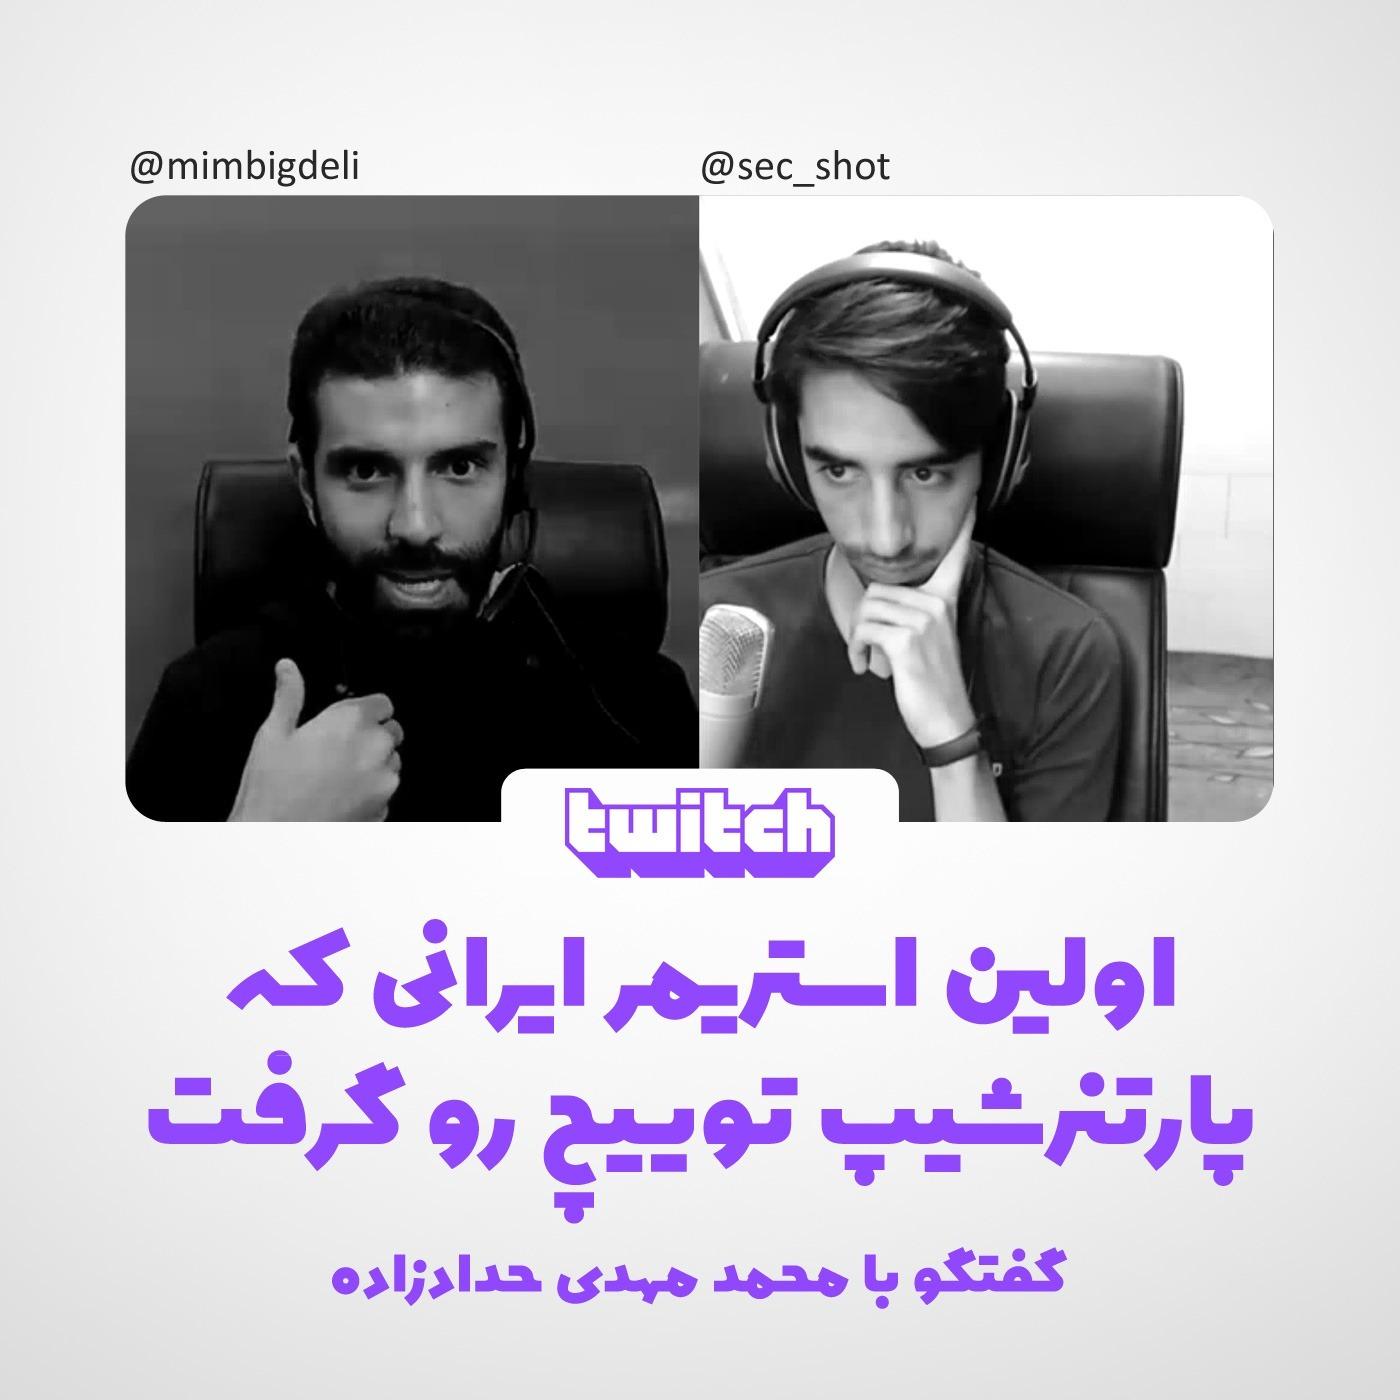 اولین استریمر ایرانی که پارتنرشیپ توییچ رو گرفت